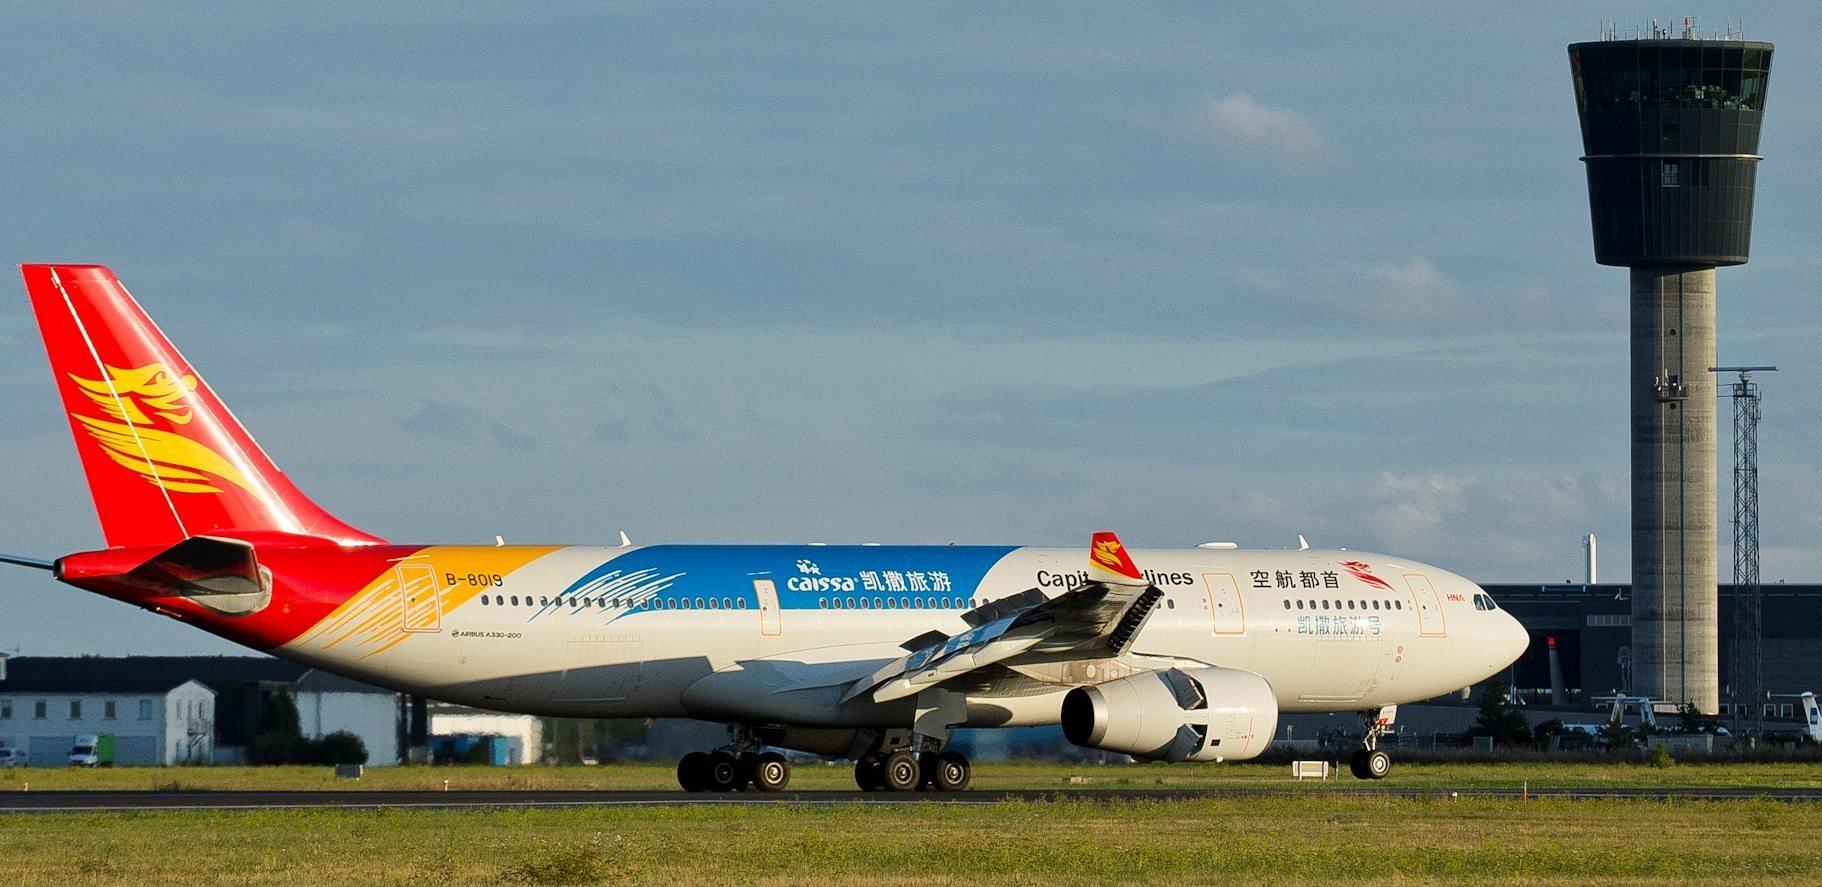 Det første fly fra Beijing Capital Airlines i Københavns Lufthavn i 2015. Foto: Ernst Tobisch.